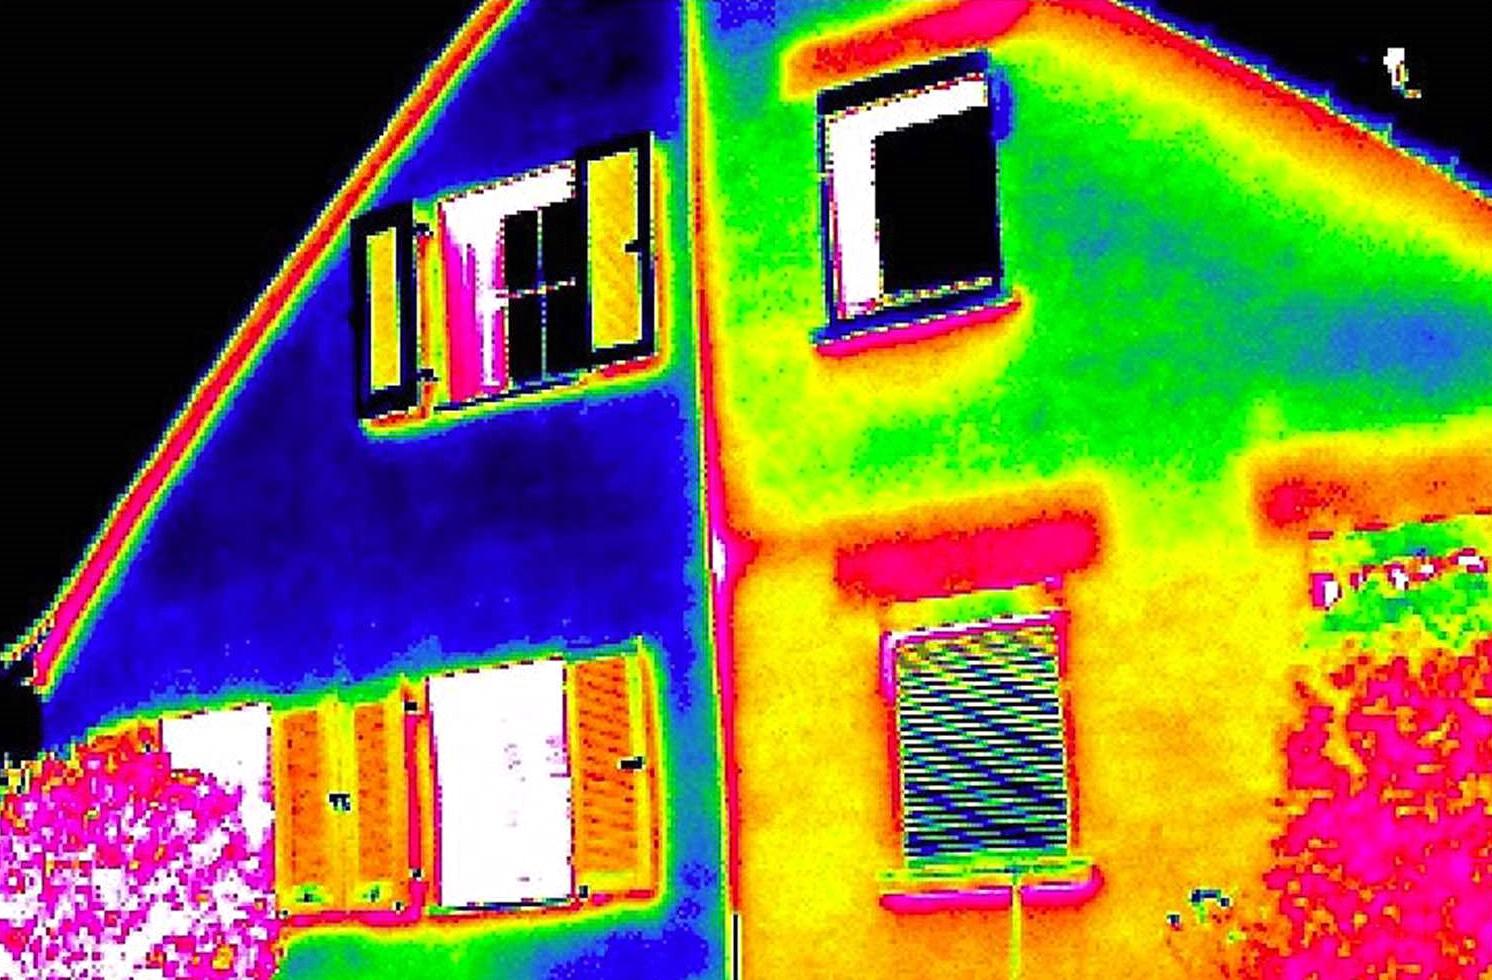 Bild zeigt ein Thermografiebild der Hausfassade